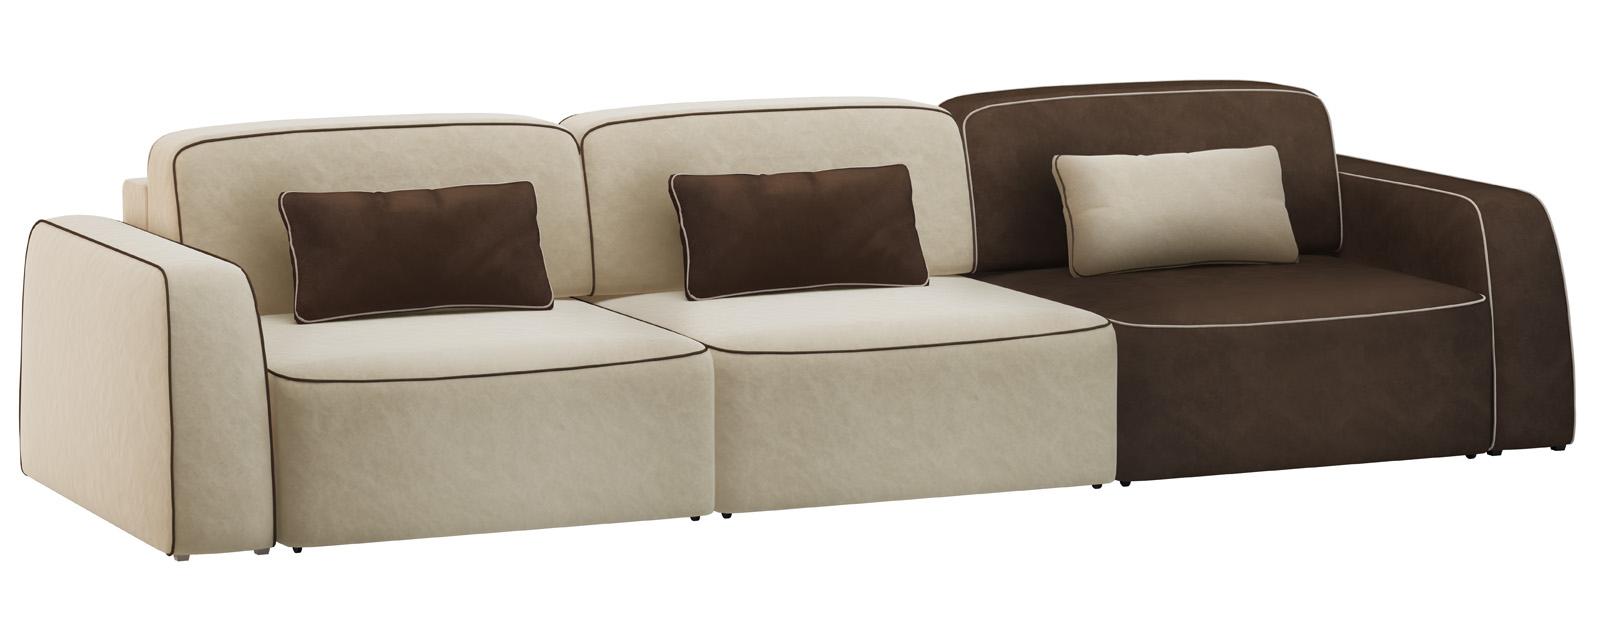 Модульный диван Портленд 300 см Вариант №3 Velure бежевый/темно-коричневый (Велюр)